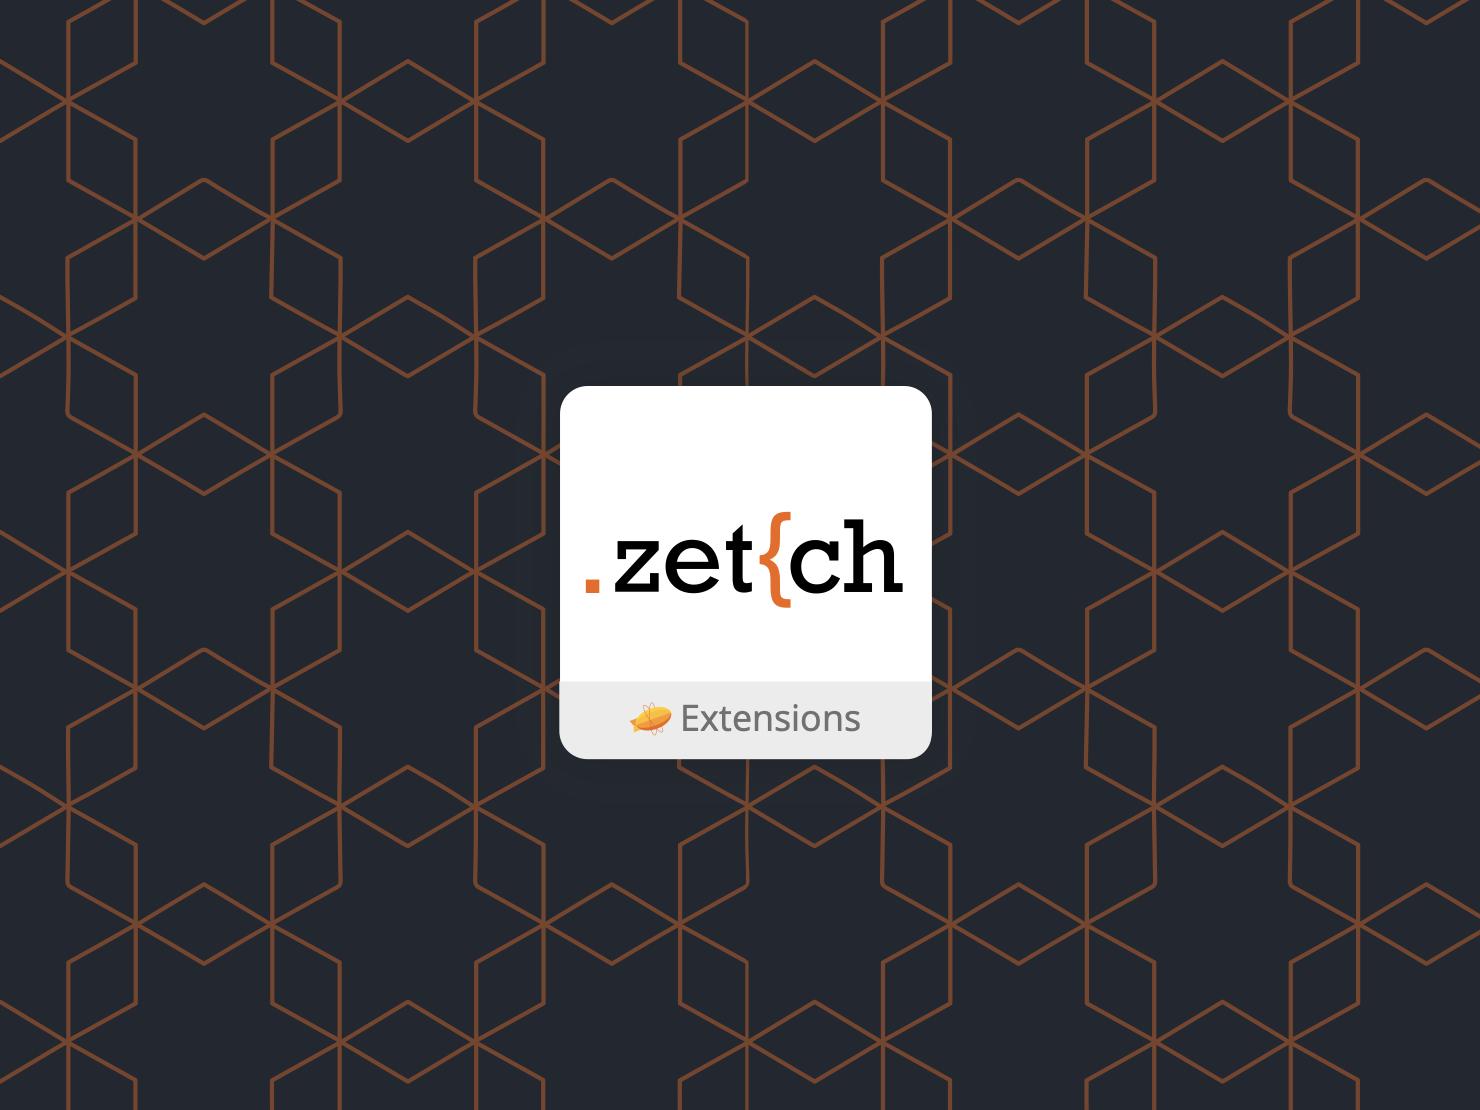 Zetch a Zeplin extension brand zeplin